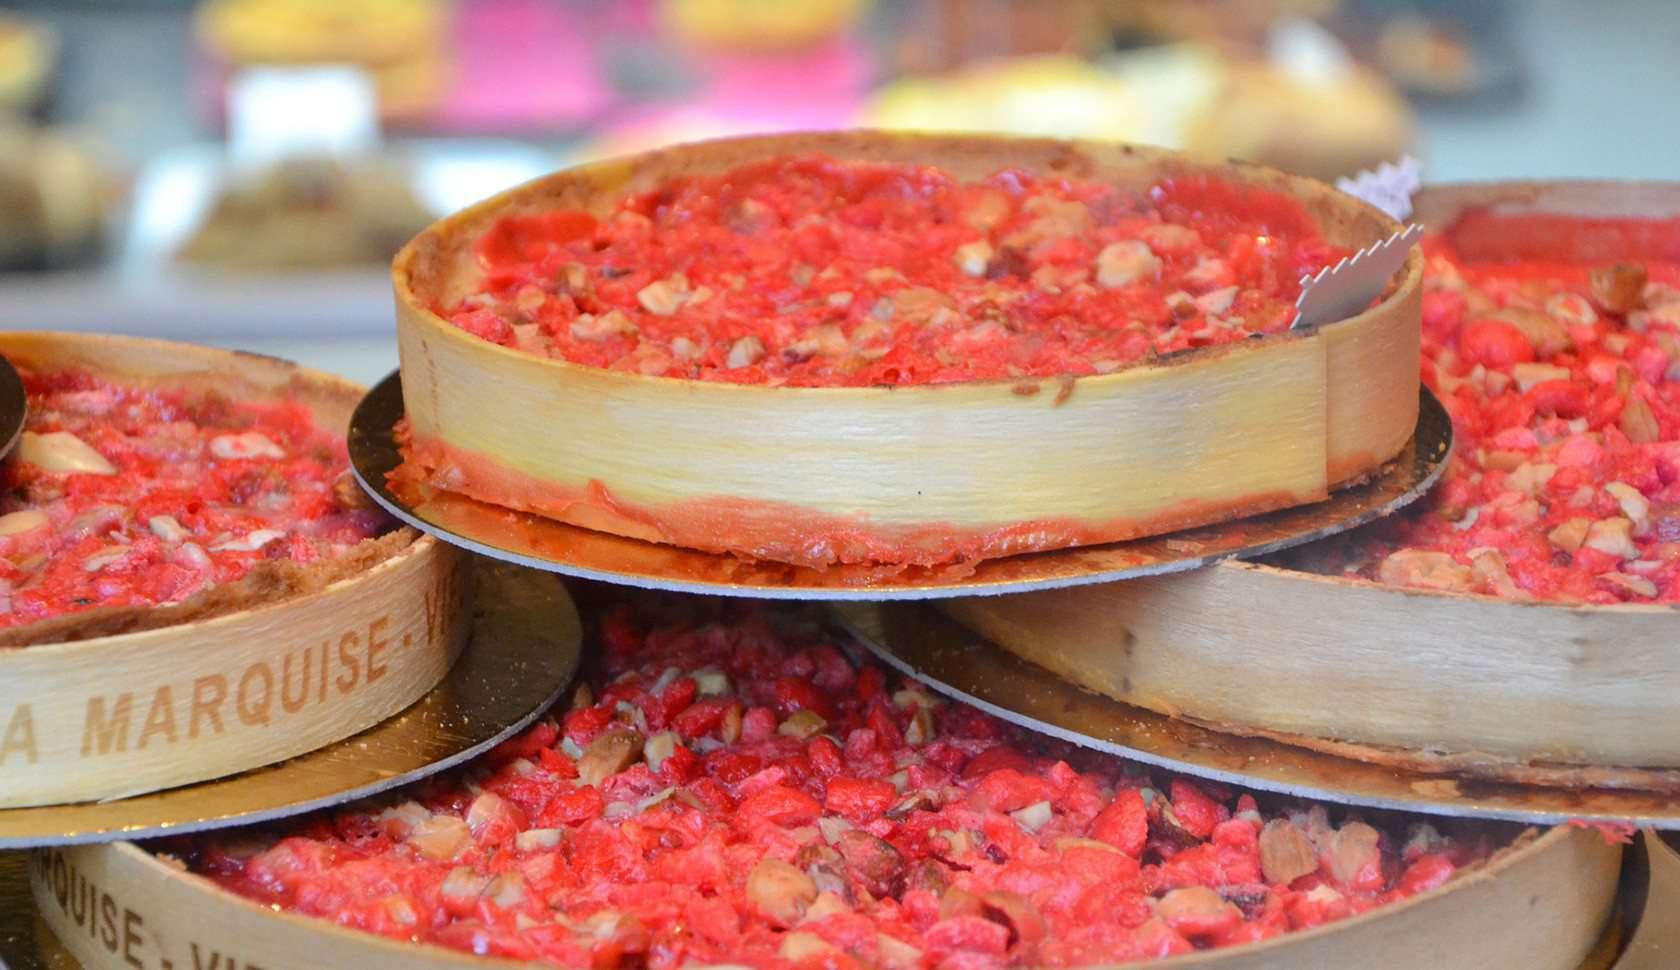 Pink praline tart from Lyon, France